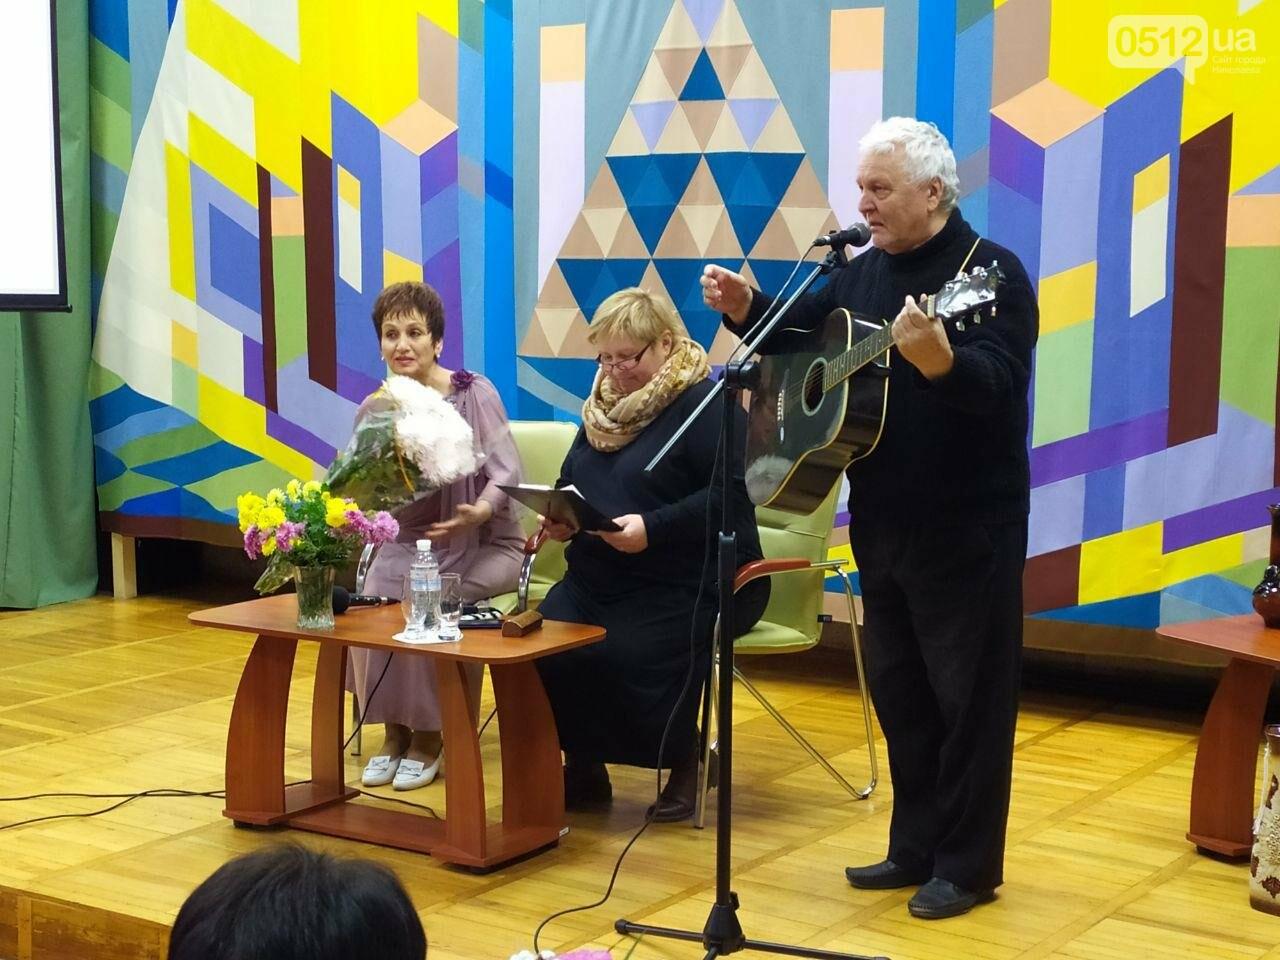 В Николаеве прошел творческий вечер известной писательницы Марущак, - ФОТО, фото-4